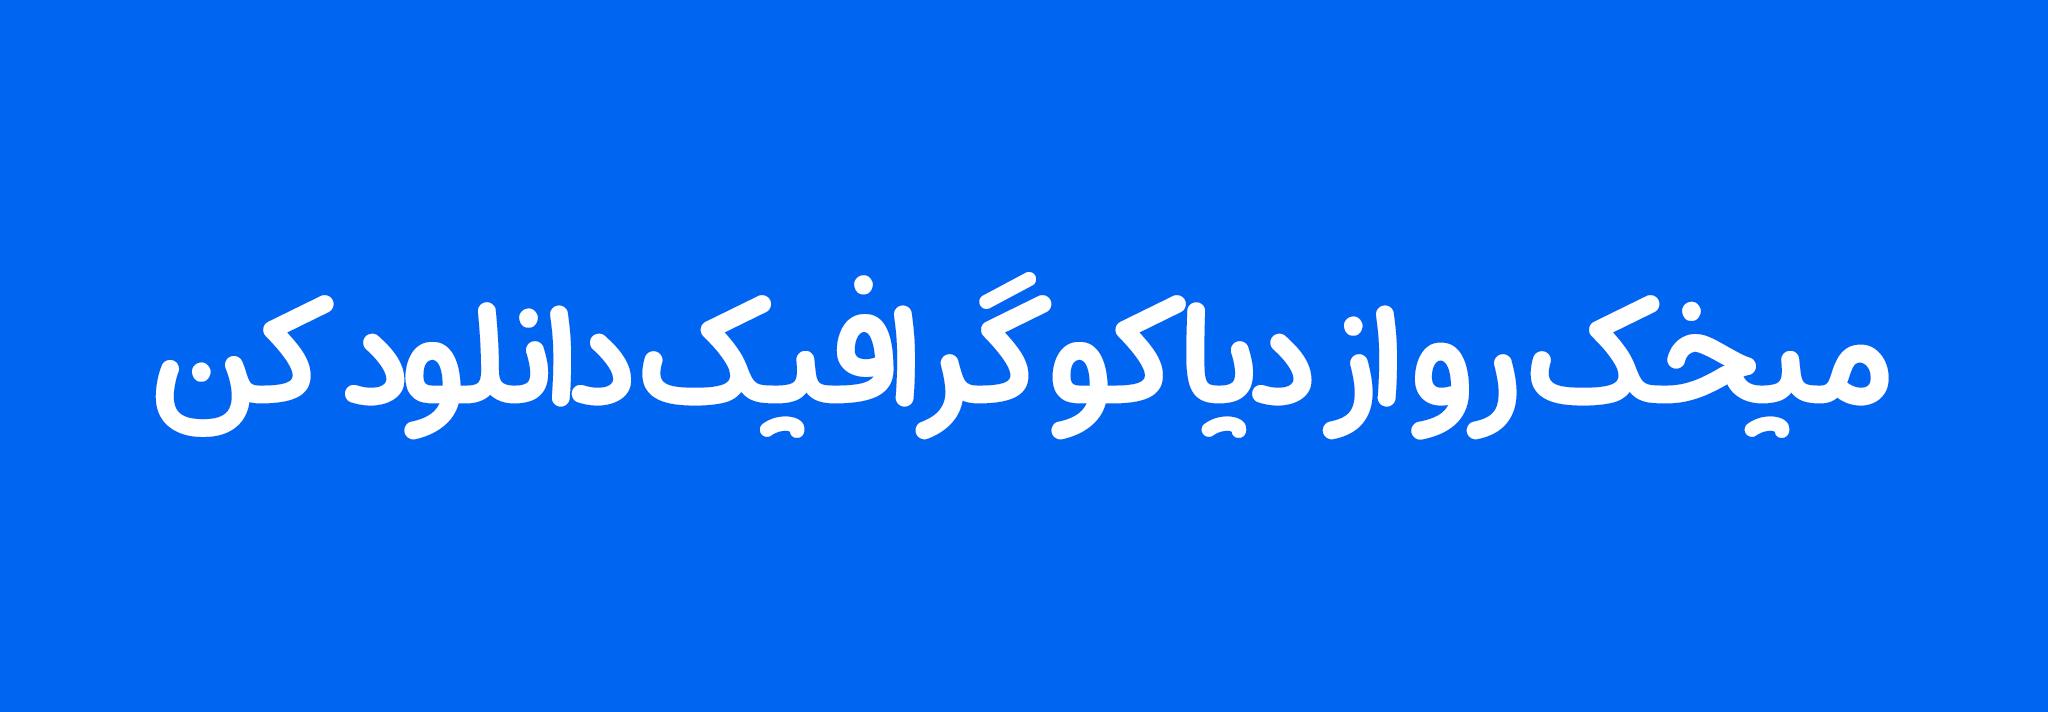 دانلود رایگان فونت فارسی میخک